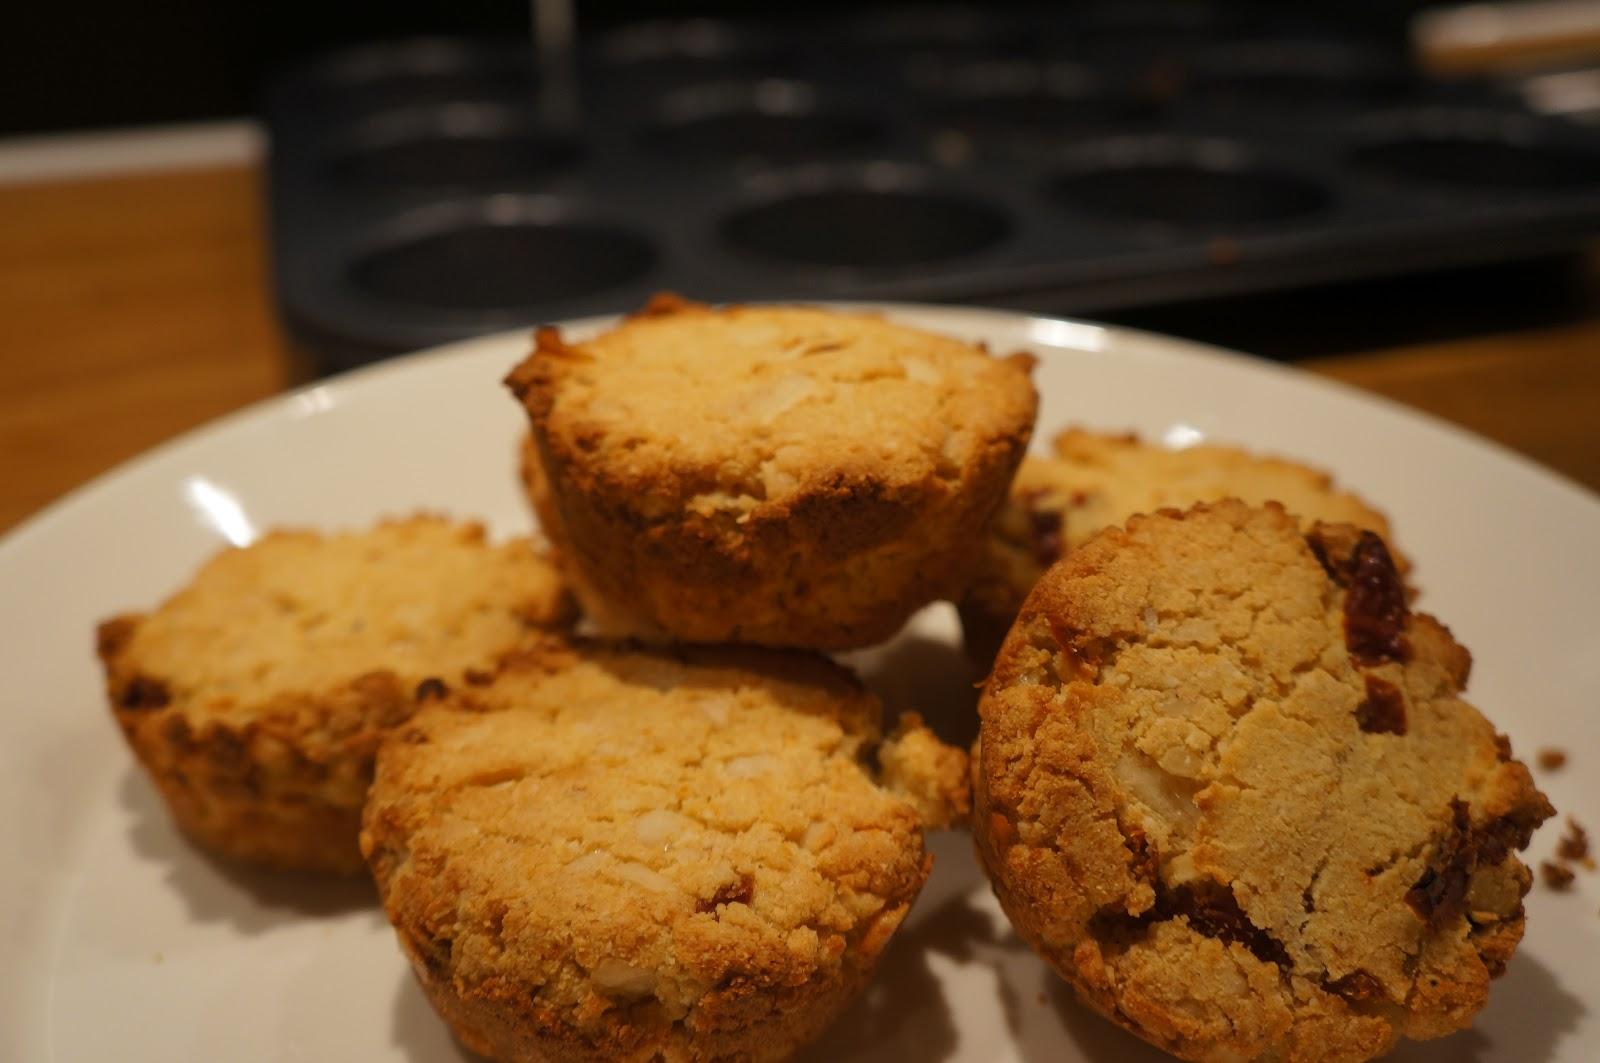 Recept på matiga muffins med västerbottenost